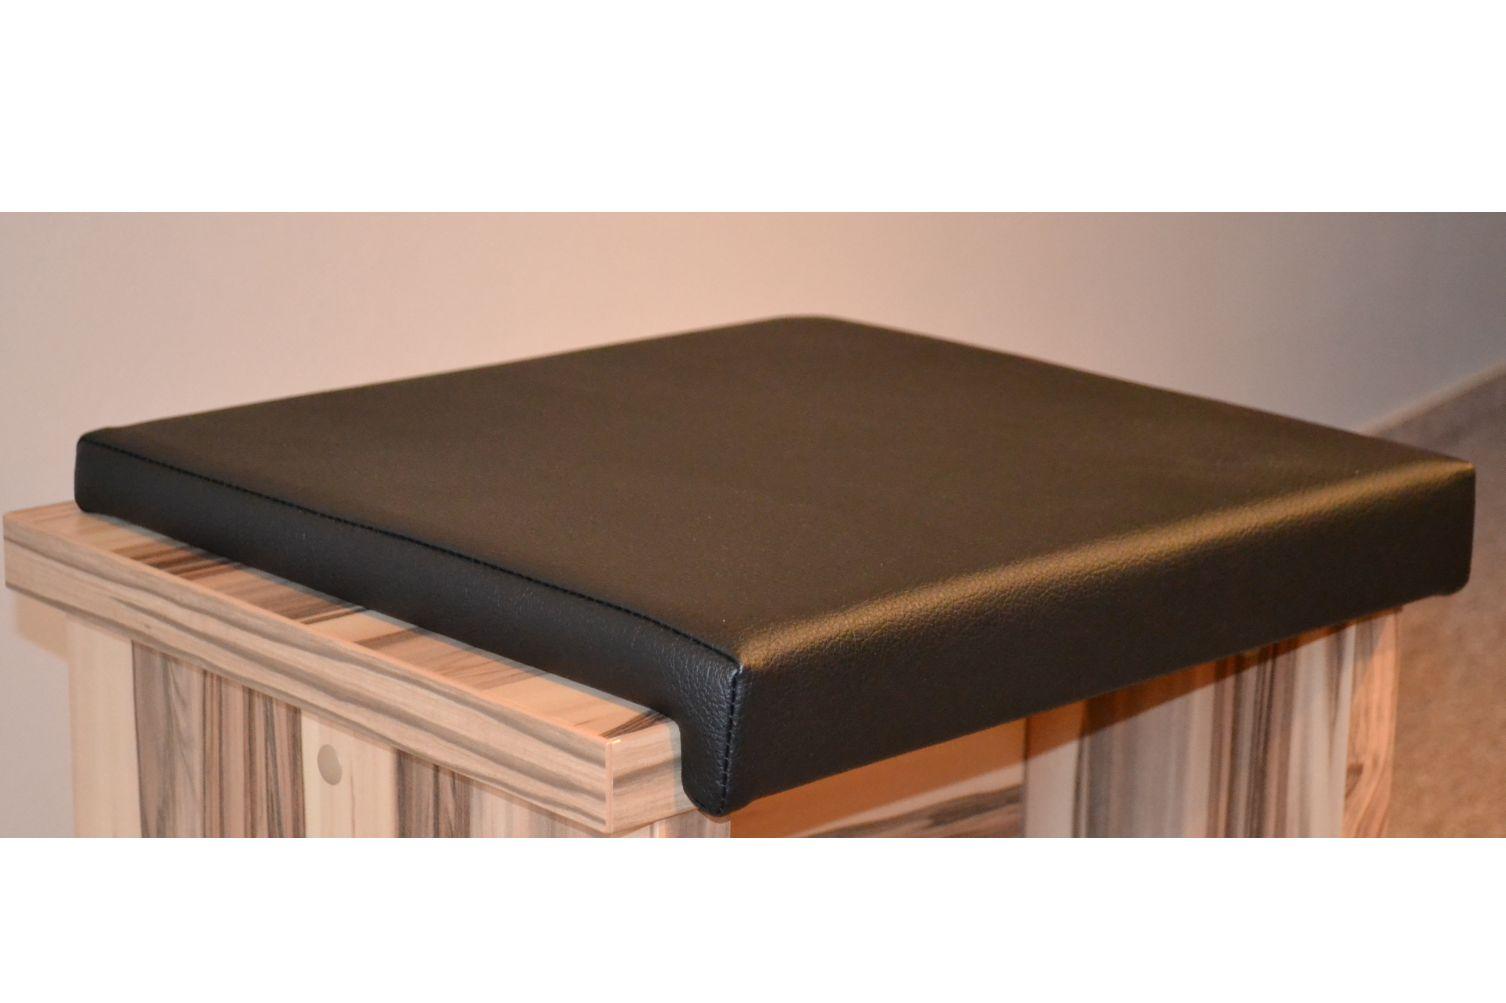 sitzkissen stuhlkissen klemmkissen sitzauflage bankauflage. Black Bedroom Furniture Sets. Home Design Ideas